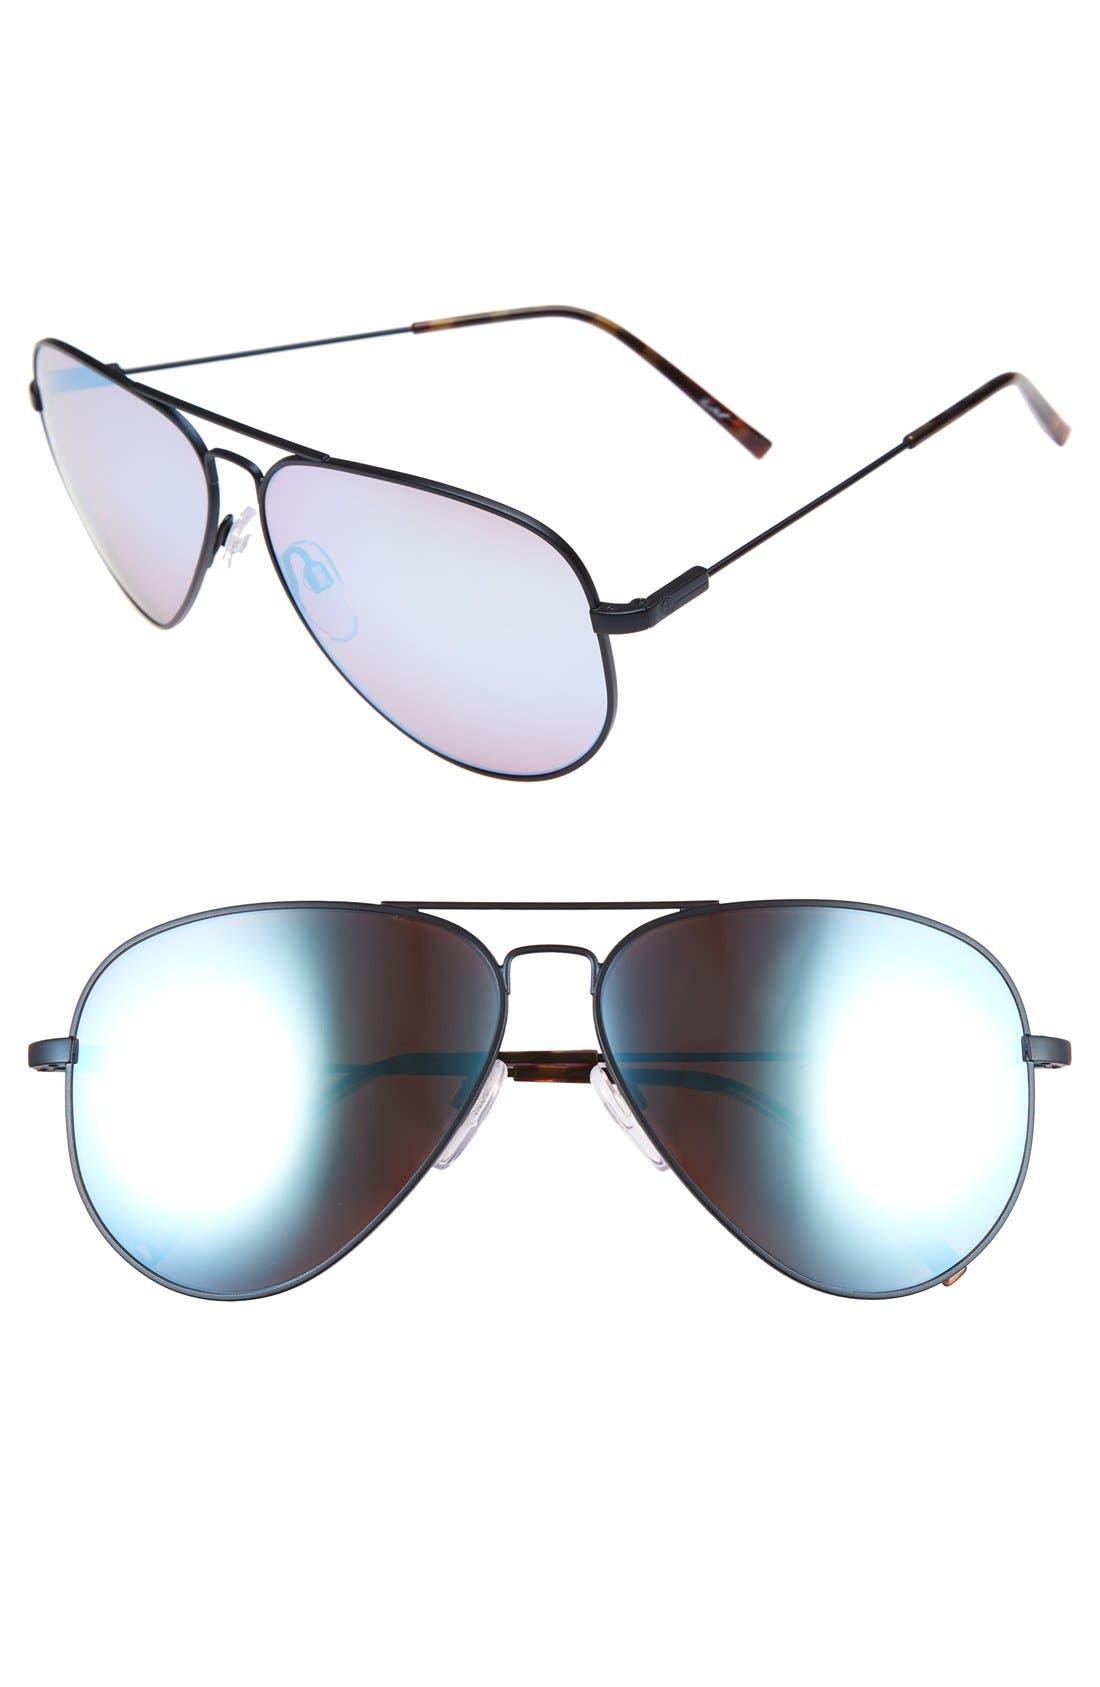 Alternate Image 1 Selected - ELECTRIC 'AV1 XL' 62mm Aviator Sunglasses